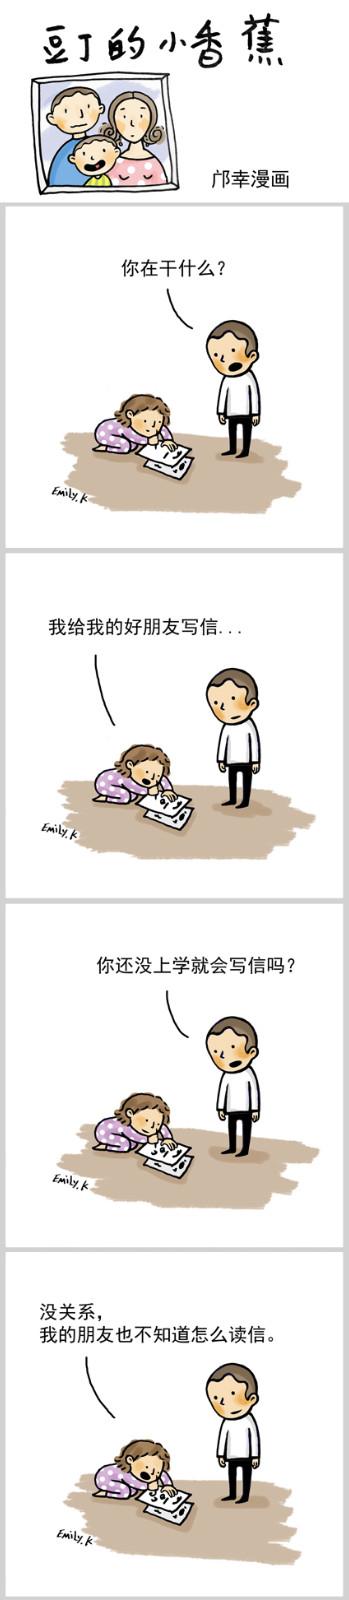 【邝幸漫畫】《豆丁的小香蕉》写信_图1-1